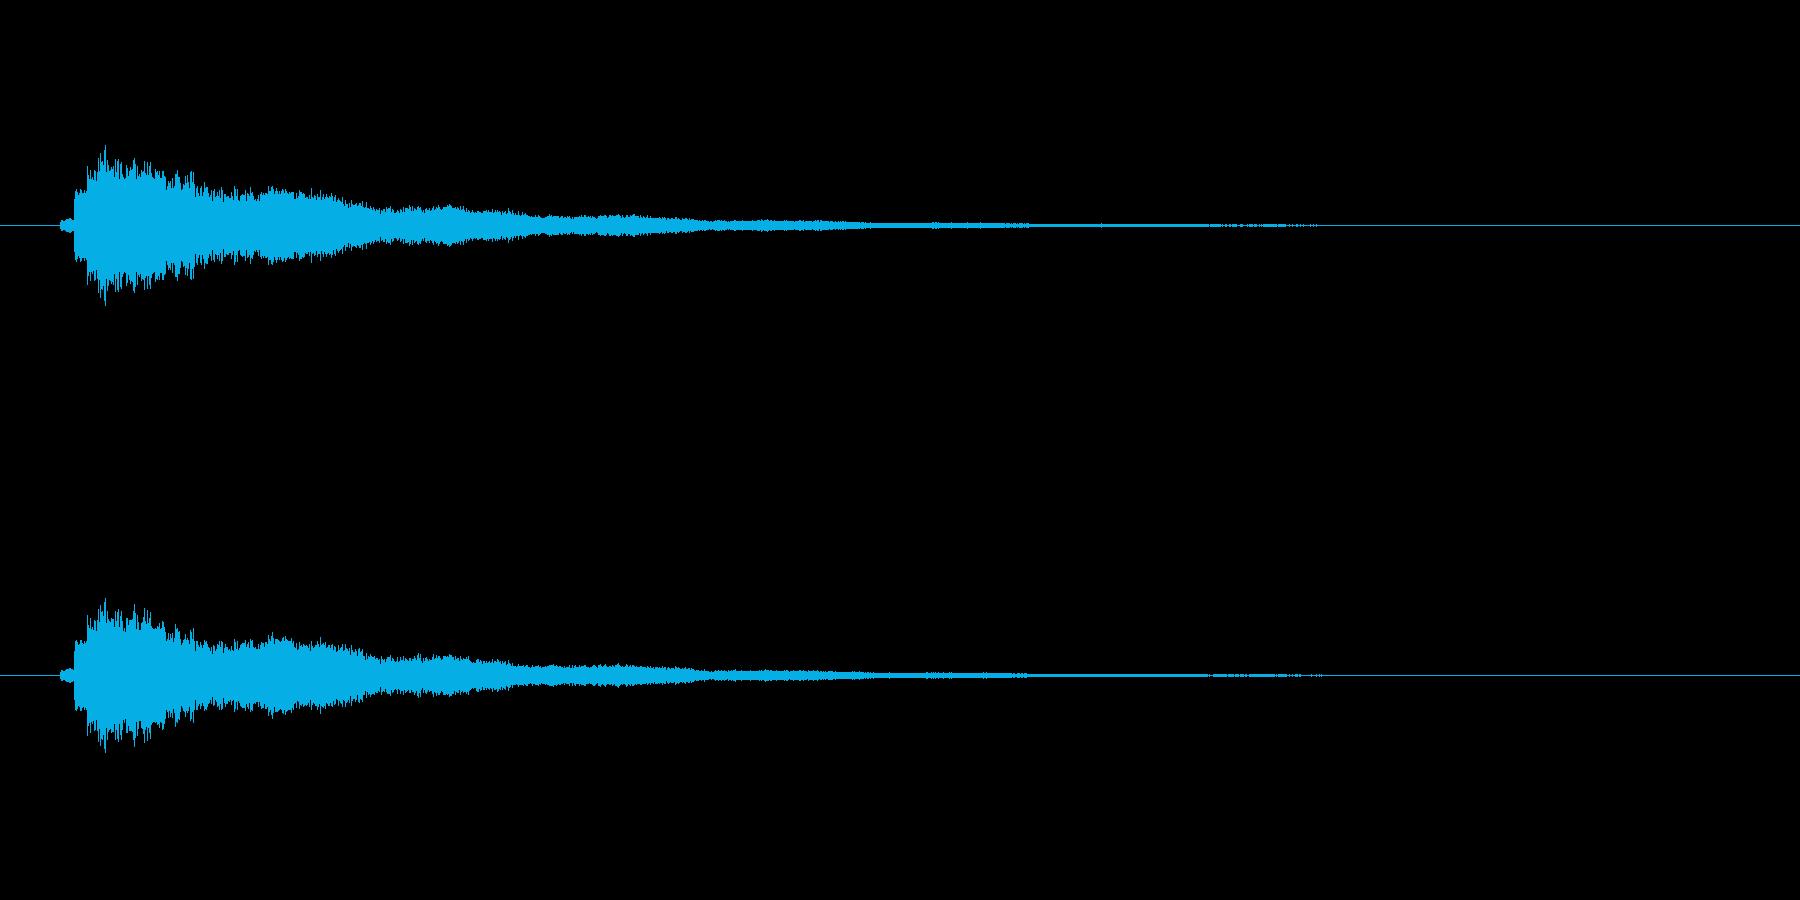 【ショートブリッジ20-2】の再生済みの波形